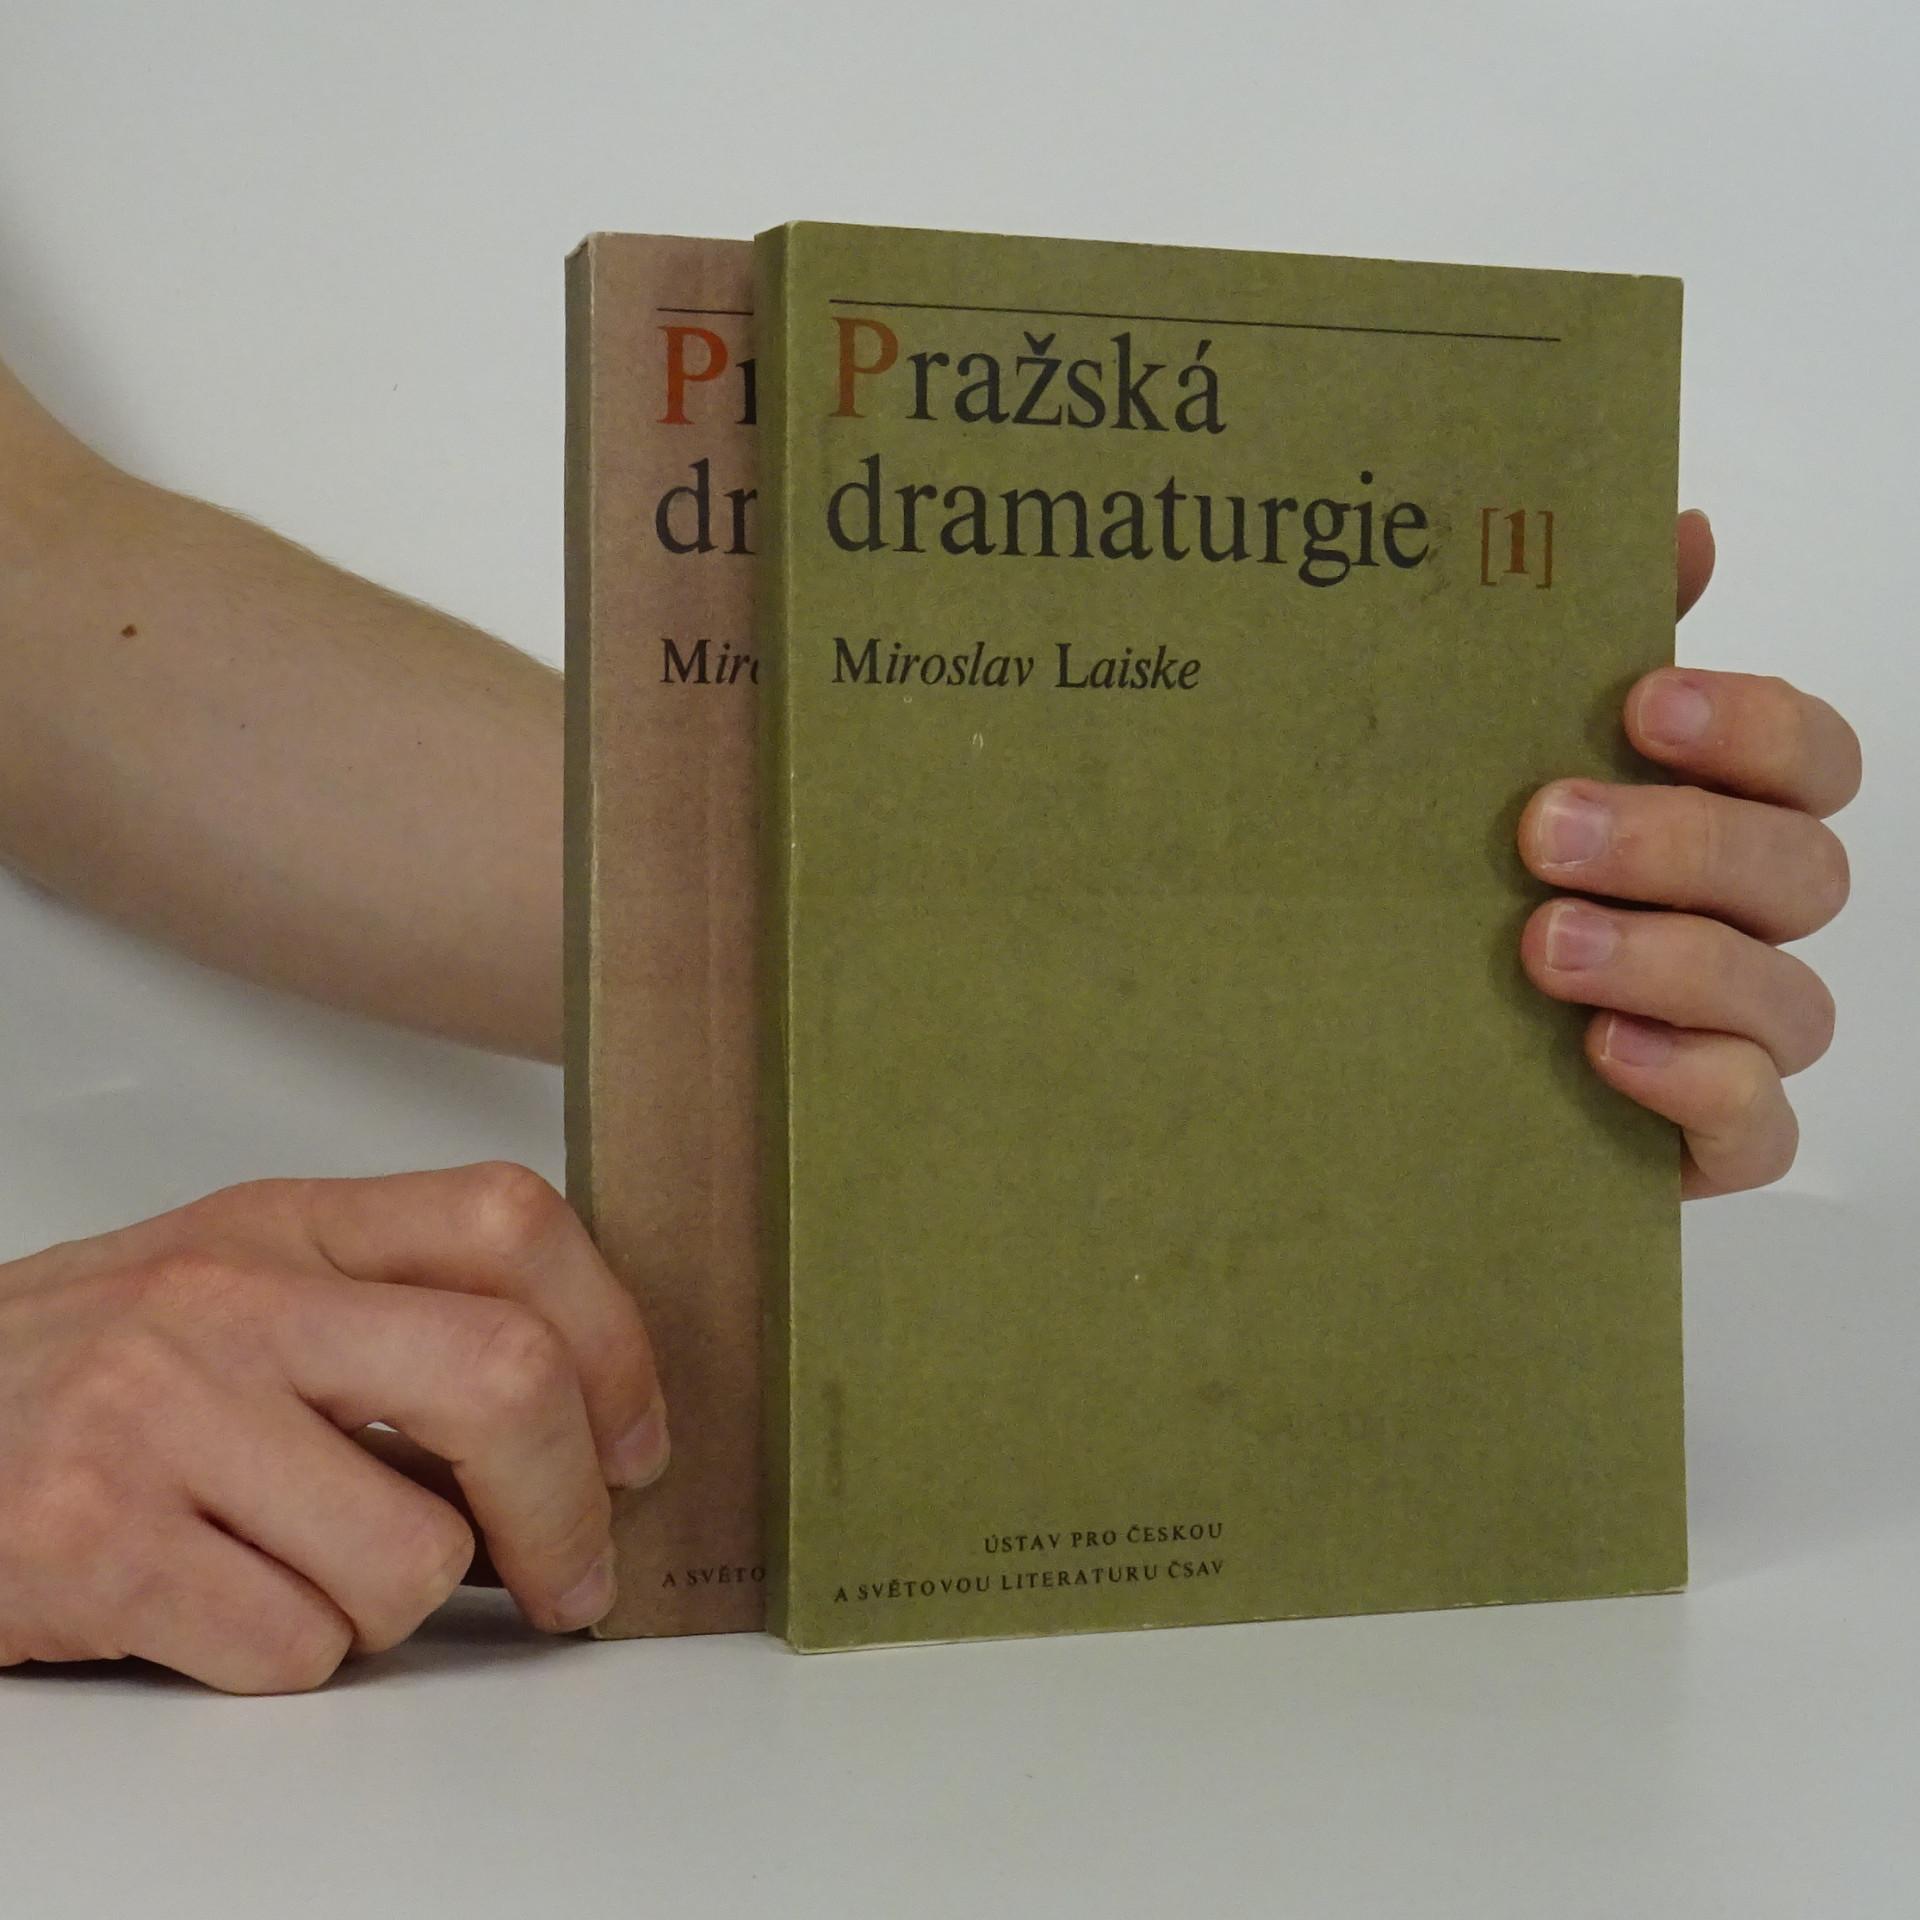 antikvární kniha Pražská dramaturgie 1 a 2 (2 svazky), 1974